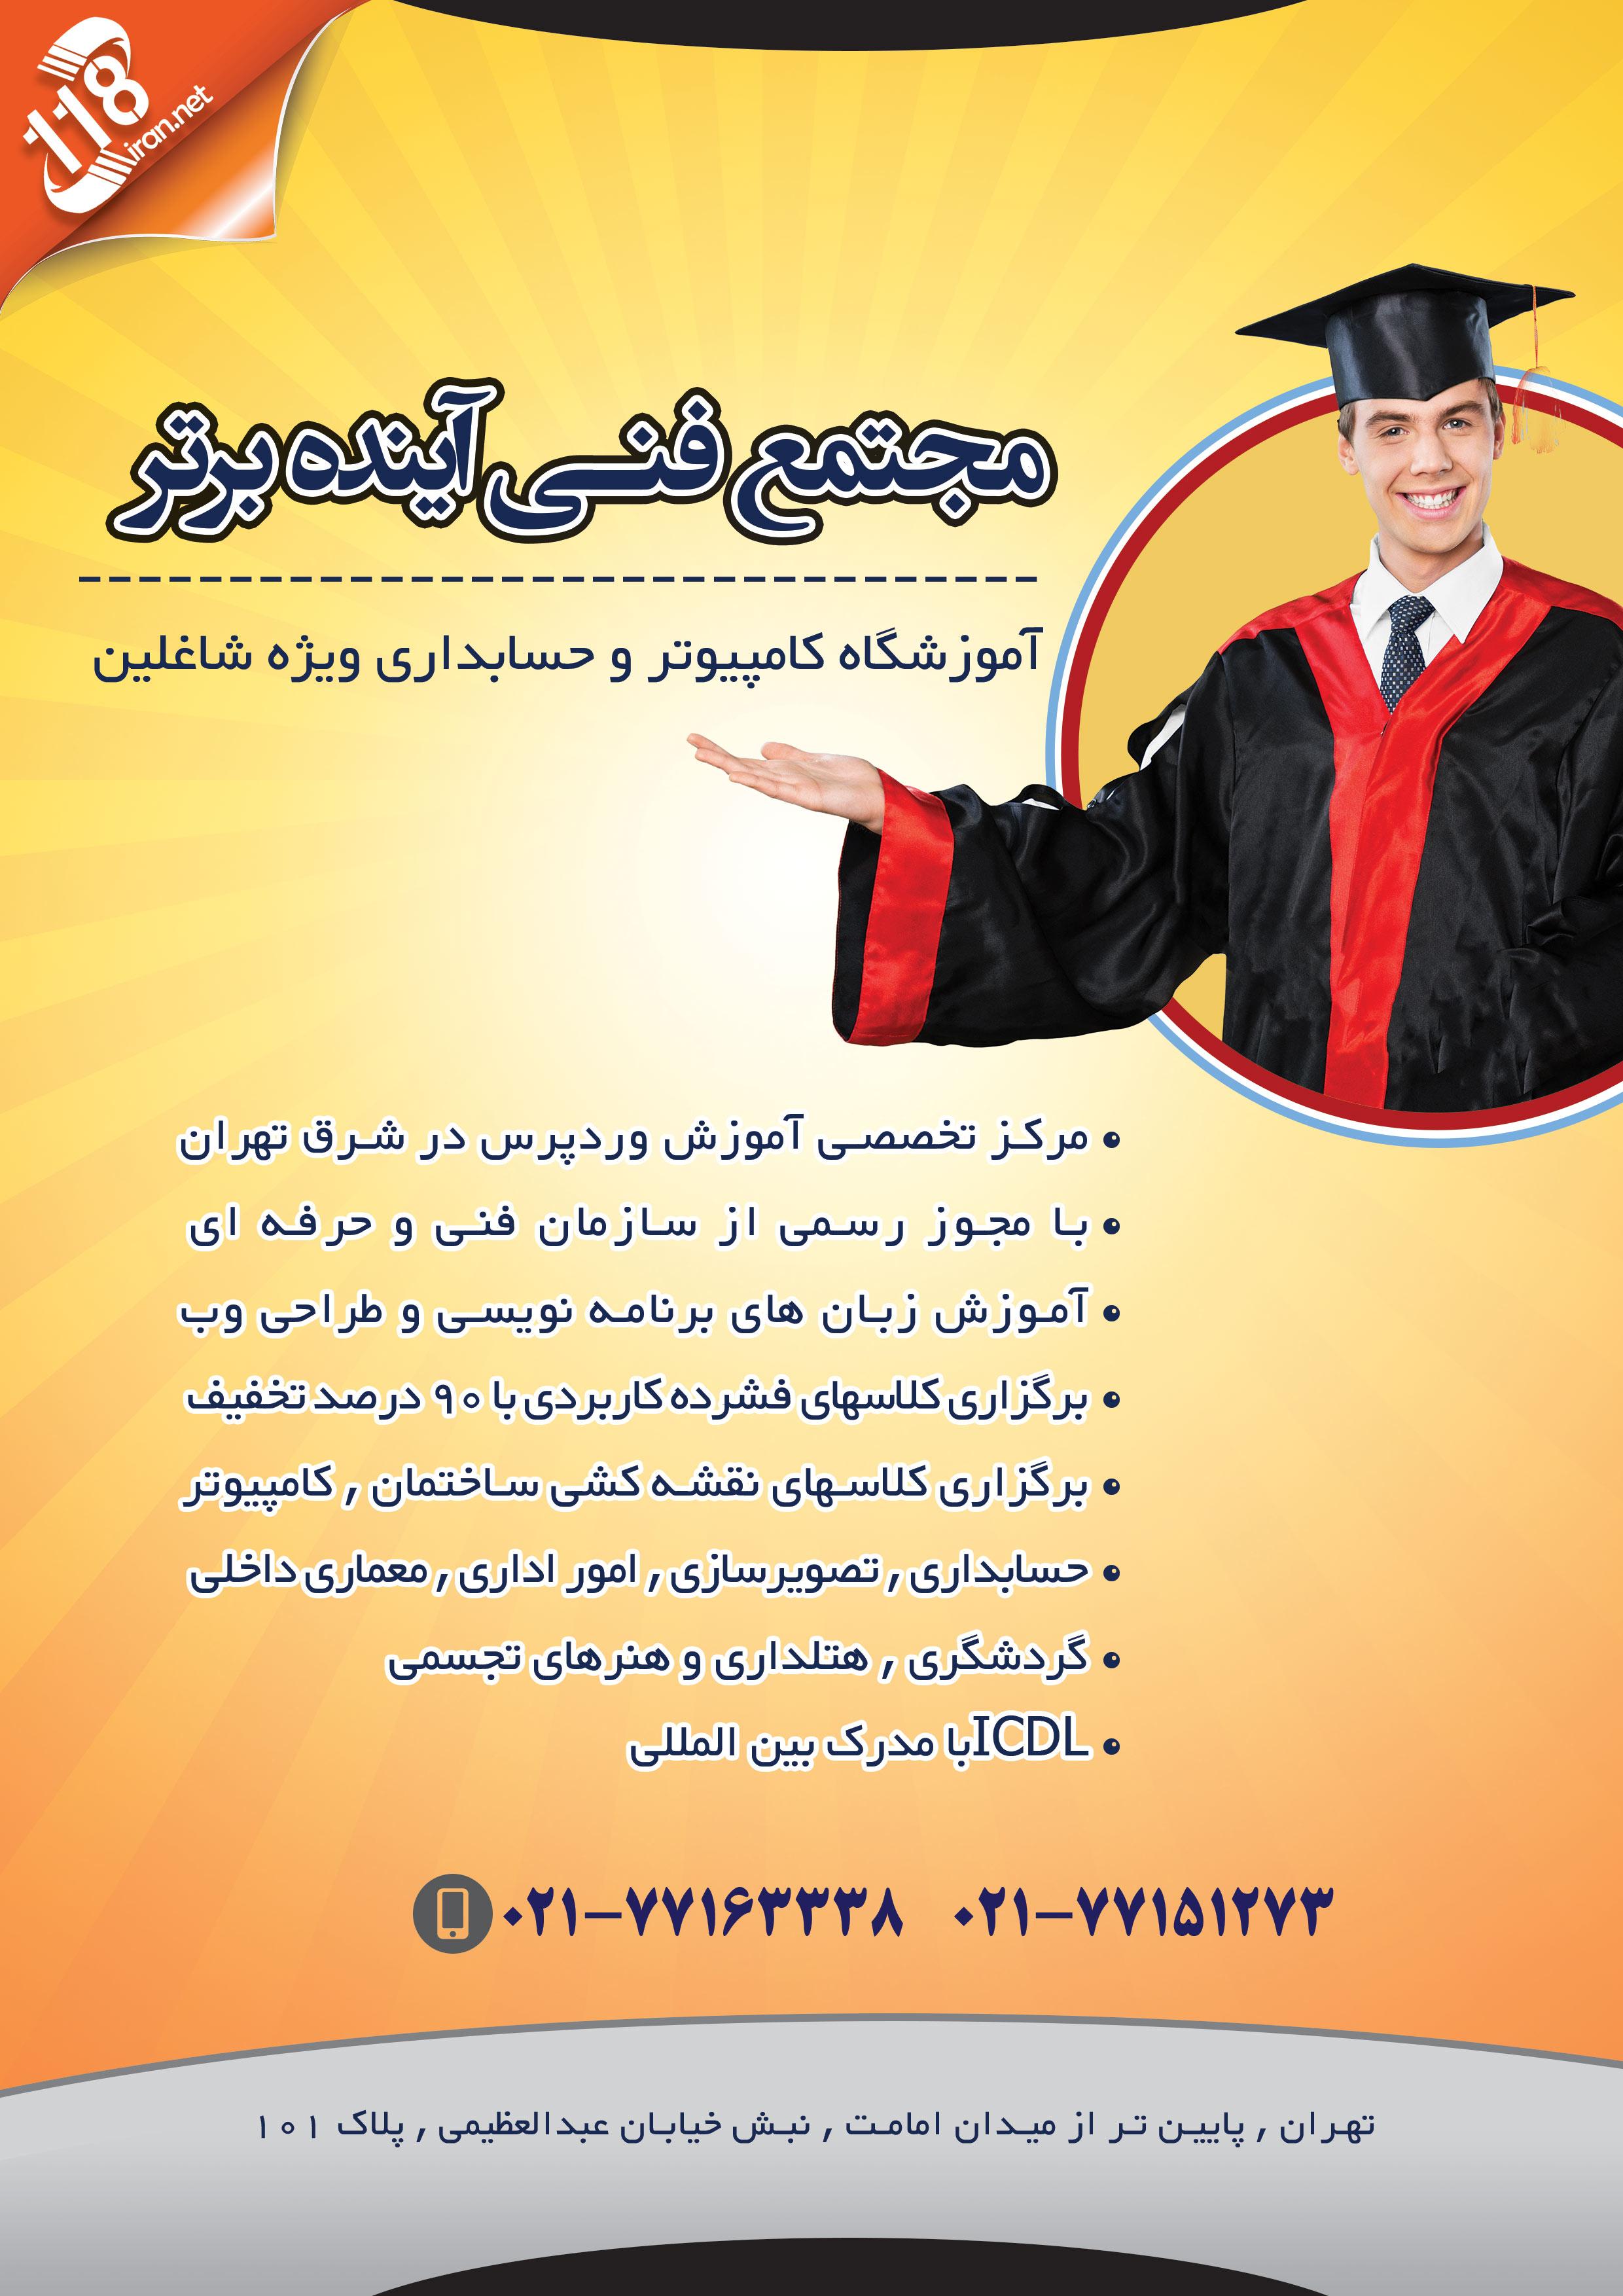 آموزشگاه کامپیوتر و حسابداری ویژه اشتغال در شرق تهران